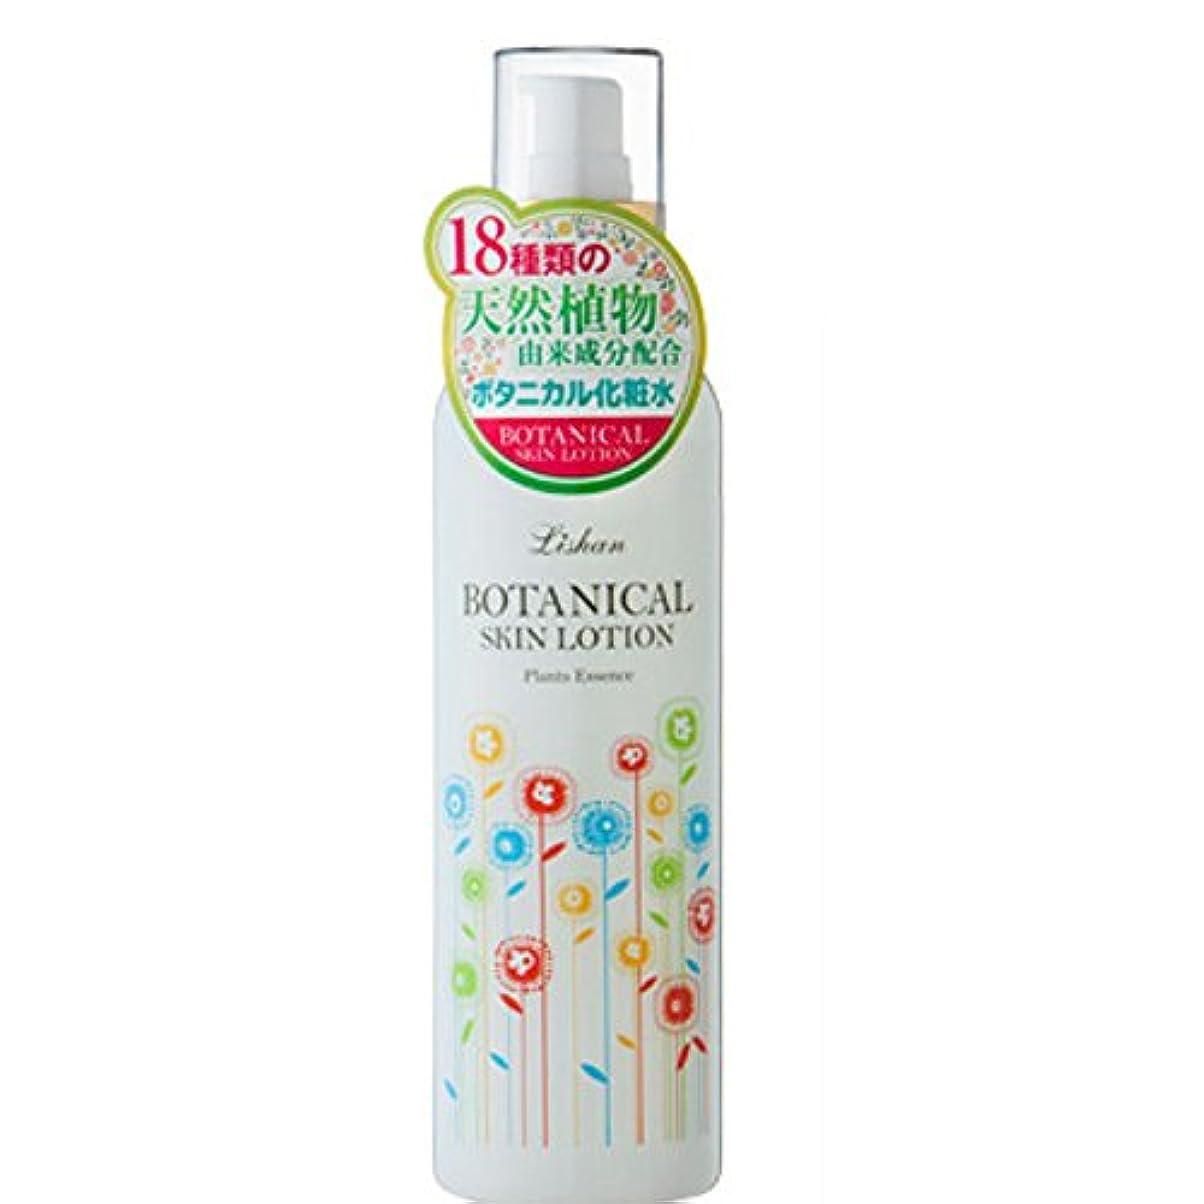 する赤字フックアイスタイル リシャン ボタニカル化粧水 フローラルの香り 260ml